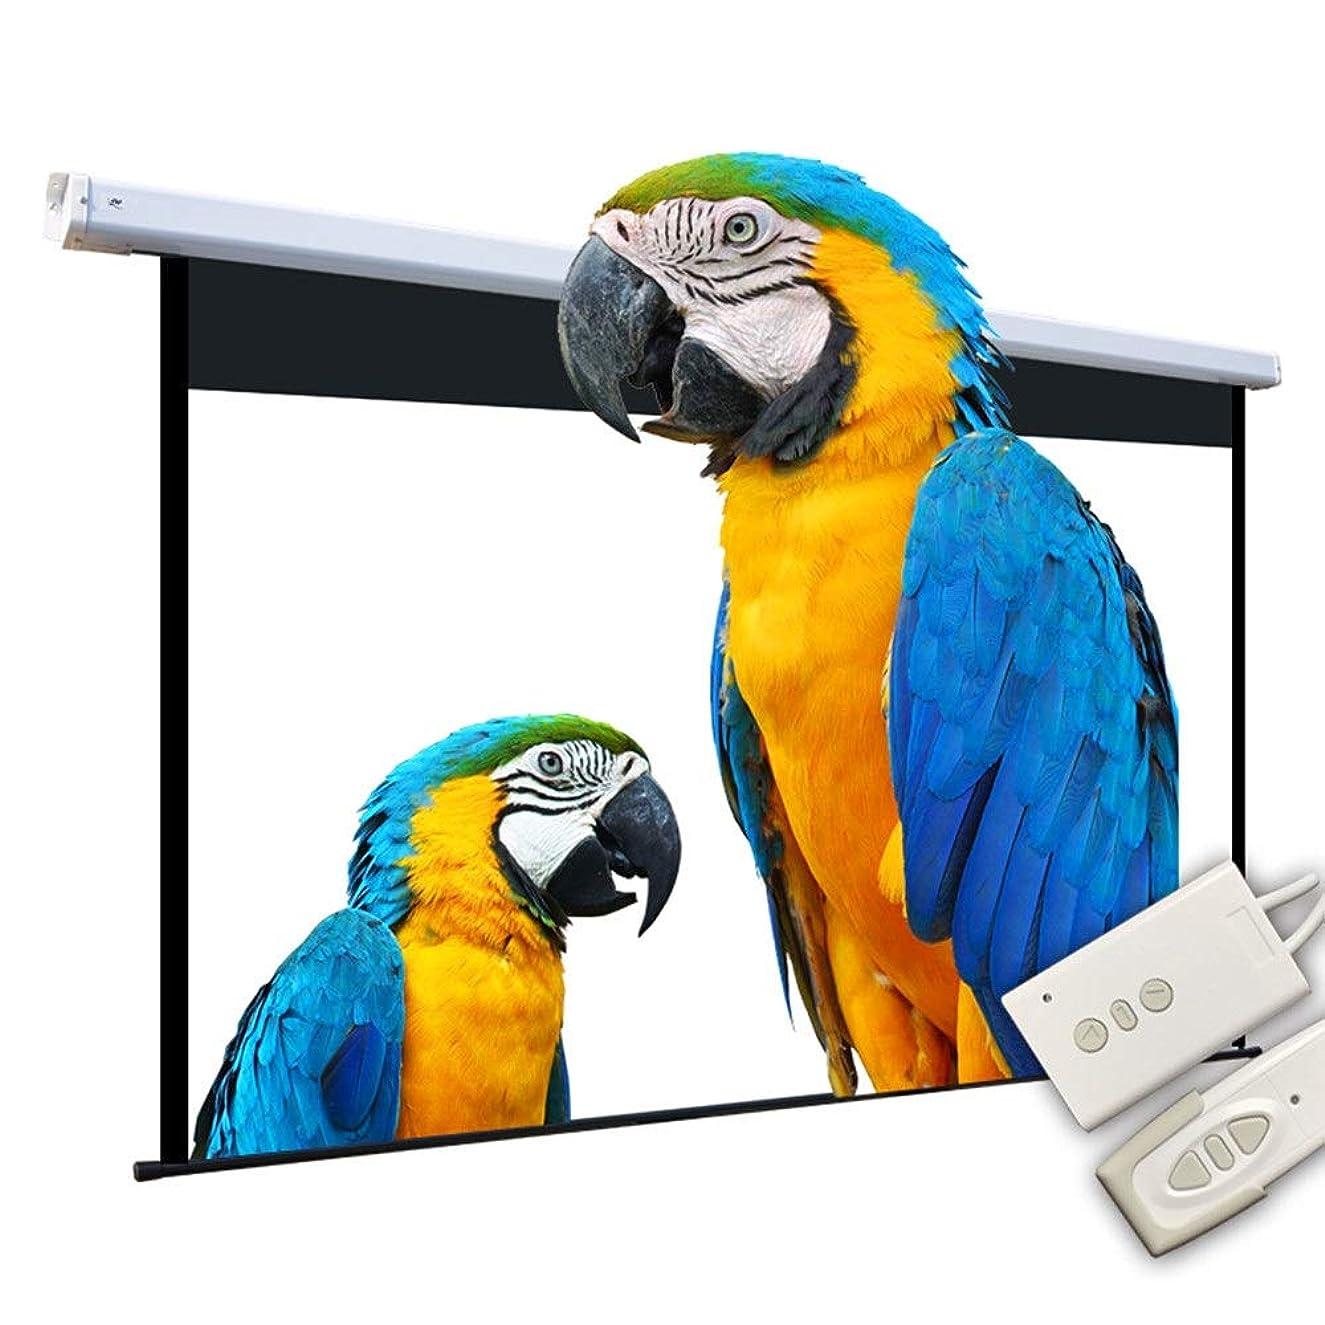 ミニサーバ次へプロジェクタースクリーン 16:9のHD屋外屋内プロジェクターの作品は、ホーム?シアターシネマ屋内100インチ電動プロジェクタースクリーン用の画面 (Color : White, Size : 4:3)